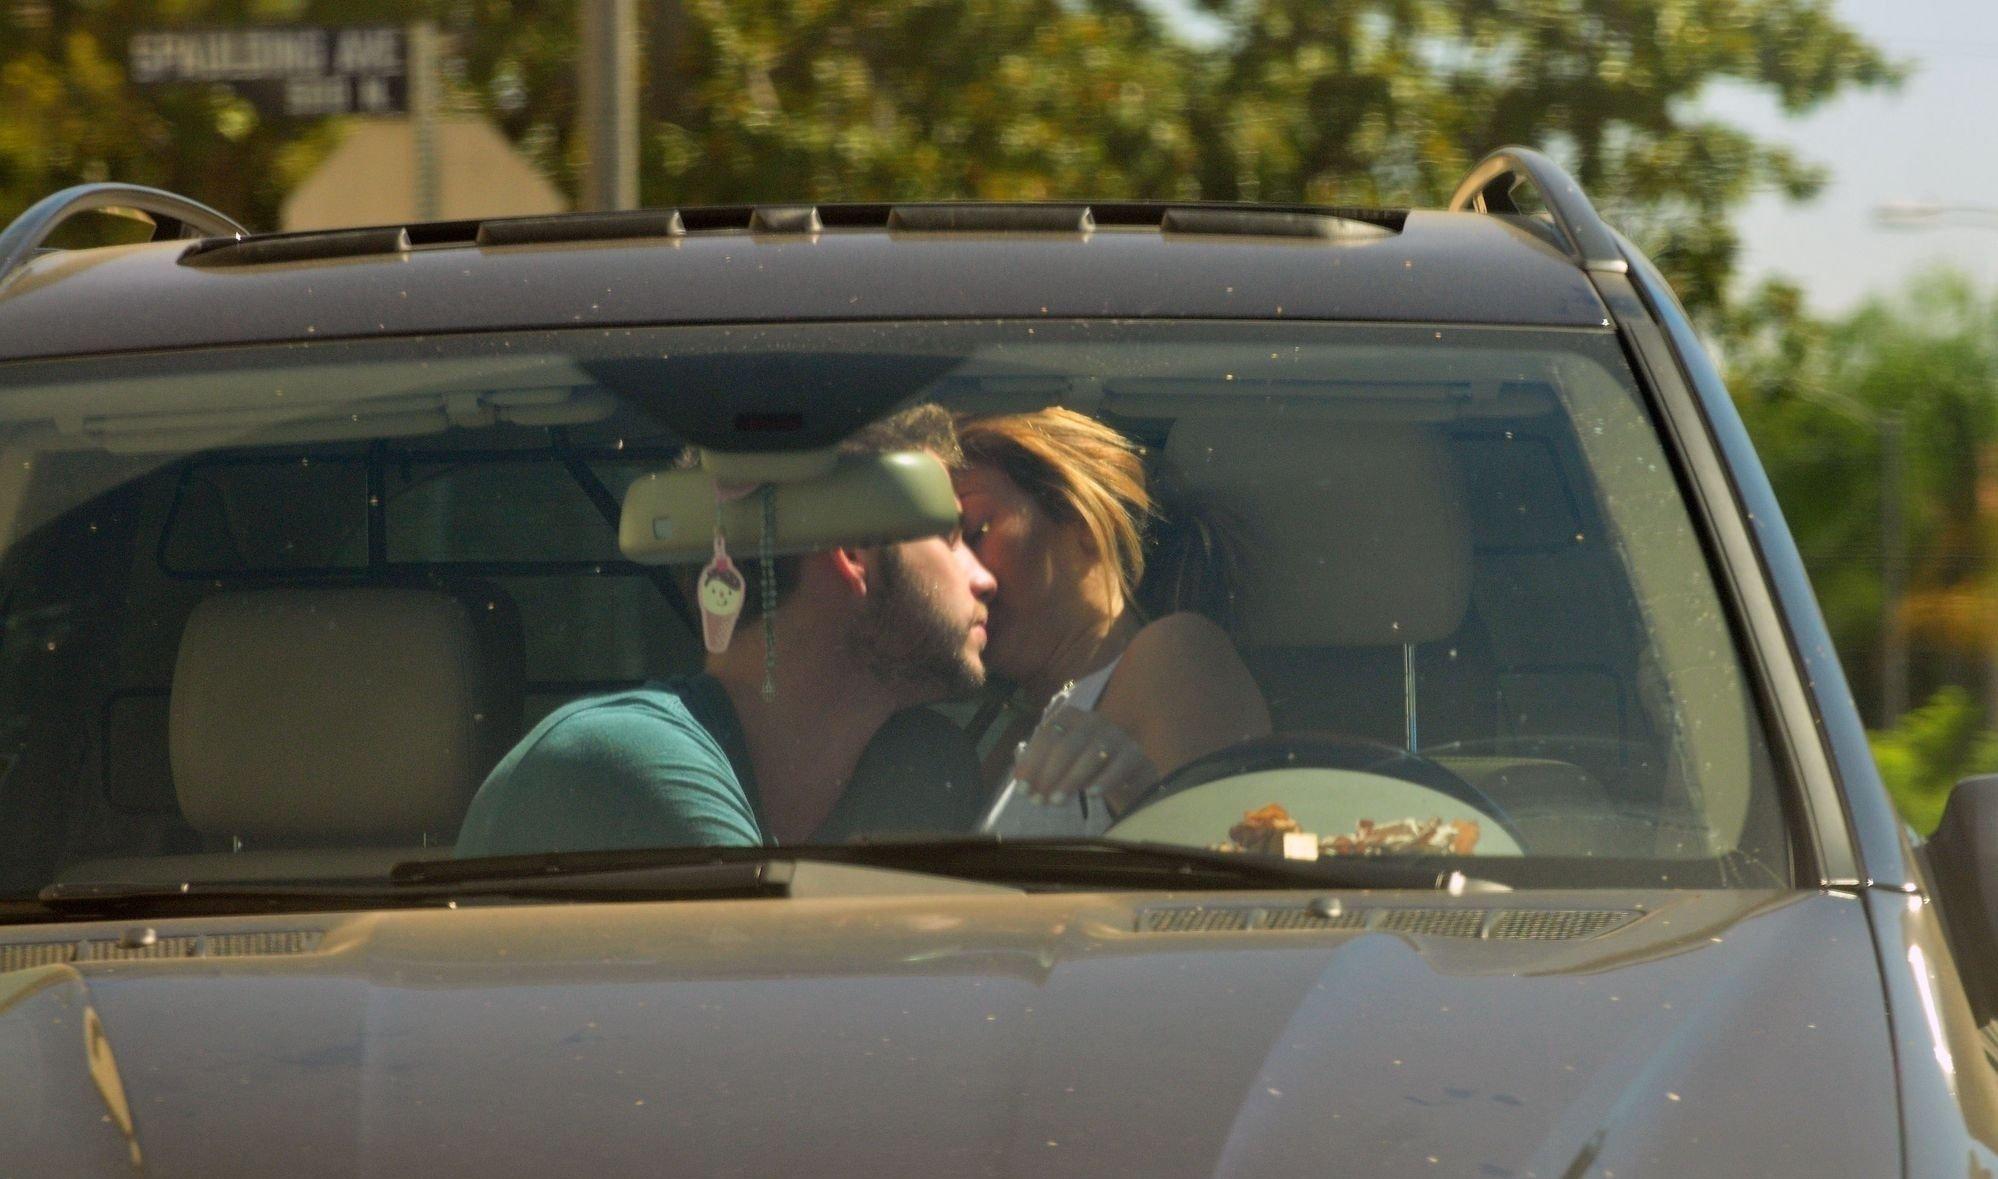 miley cyrus gyrating on car